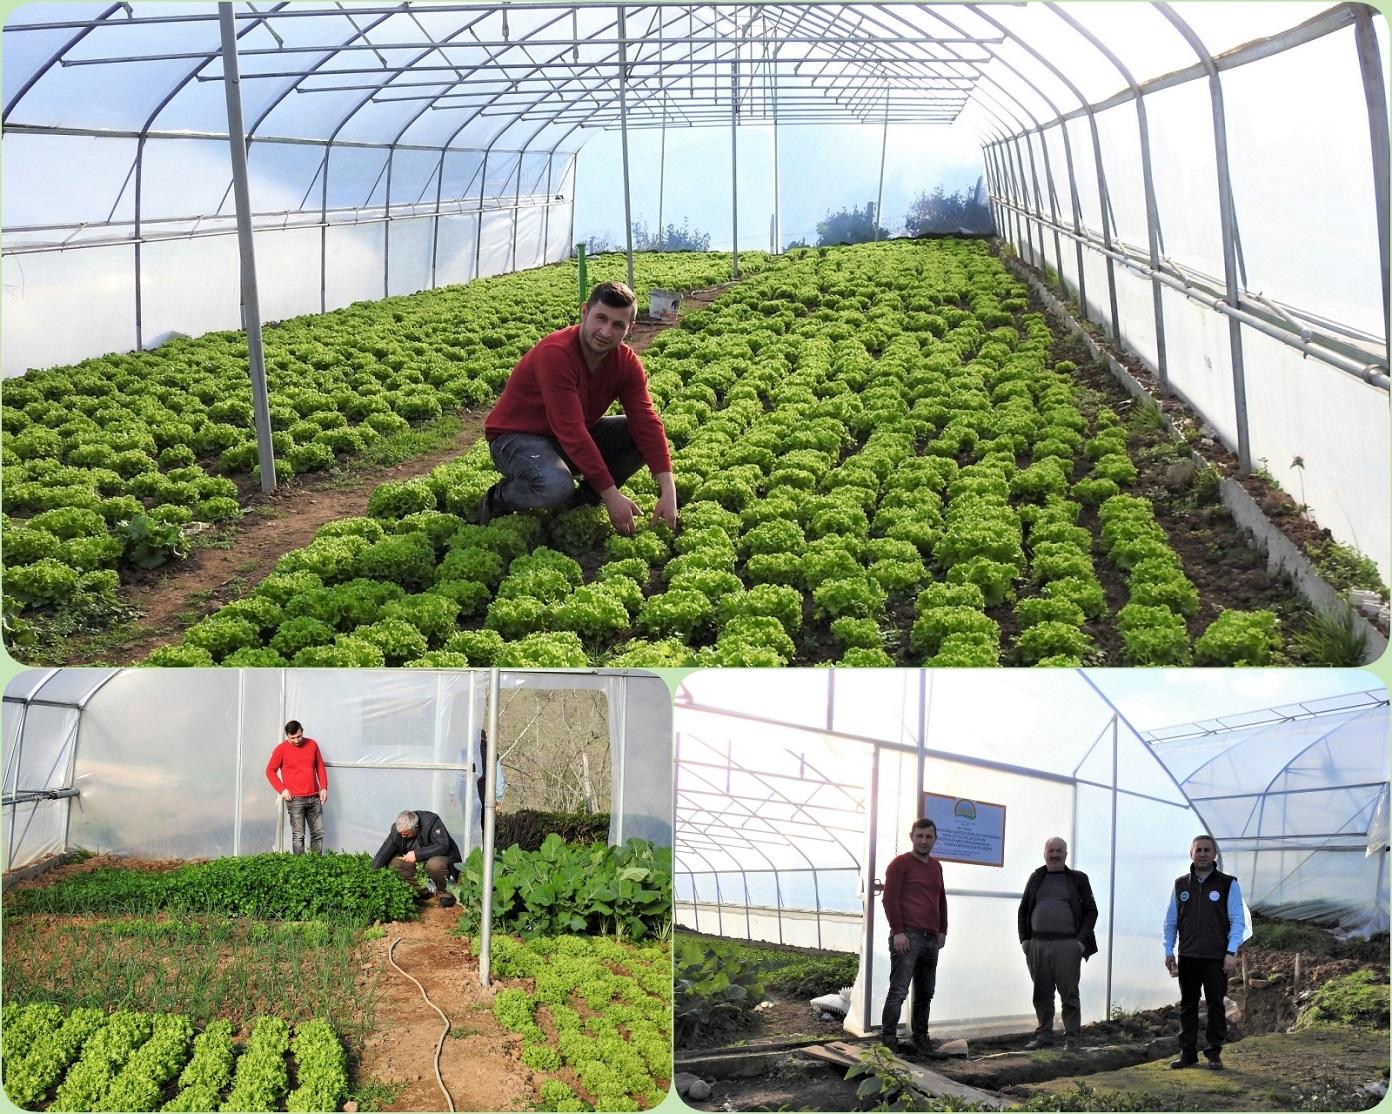 Genç Çiftçi Serasında İlk Hasadını Yapmanın Sevincini Yaşadı